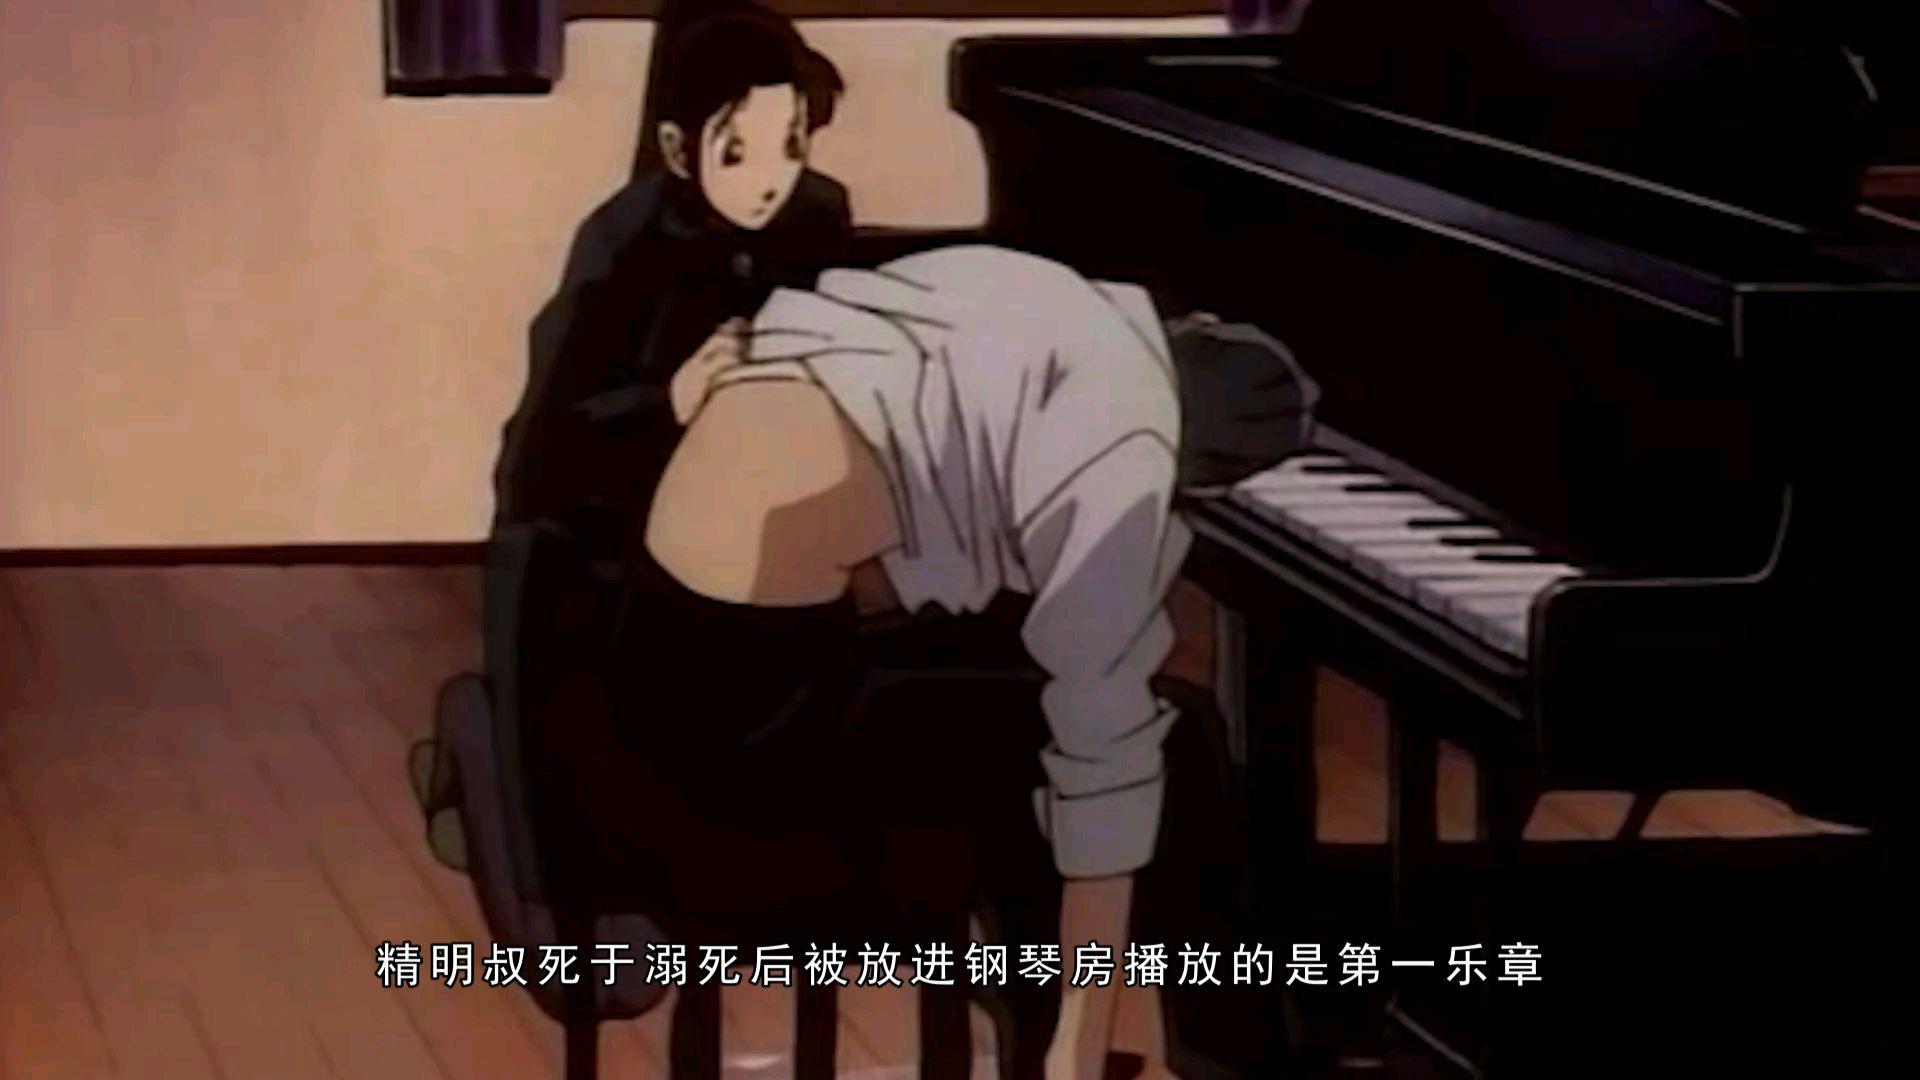 童年阴影系列:名侦探柯南最恐怖悬疑的一集,每当琴声响起就会有人惨死